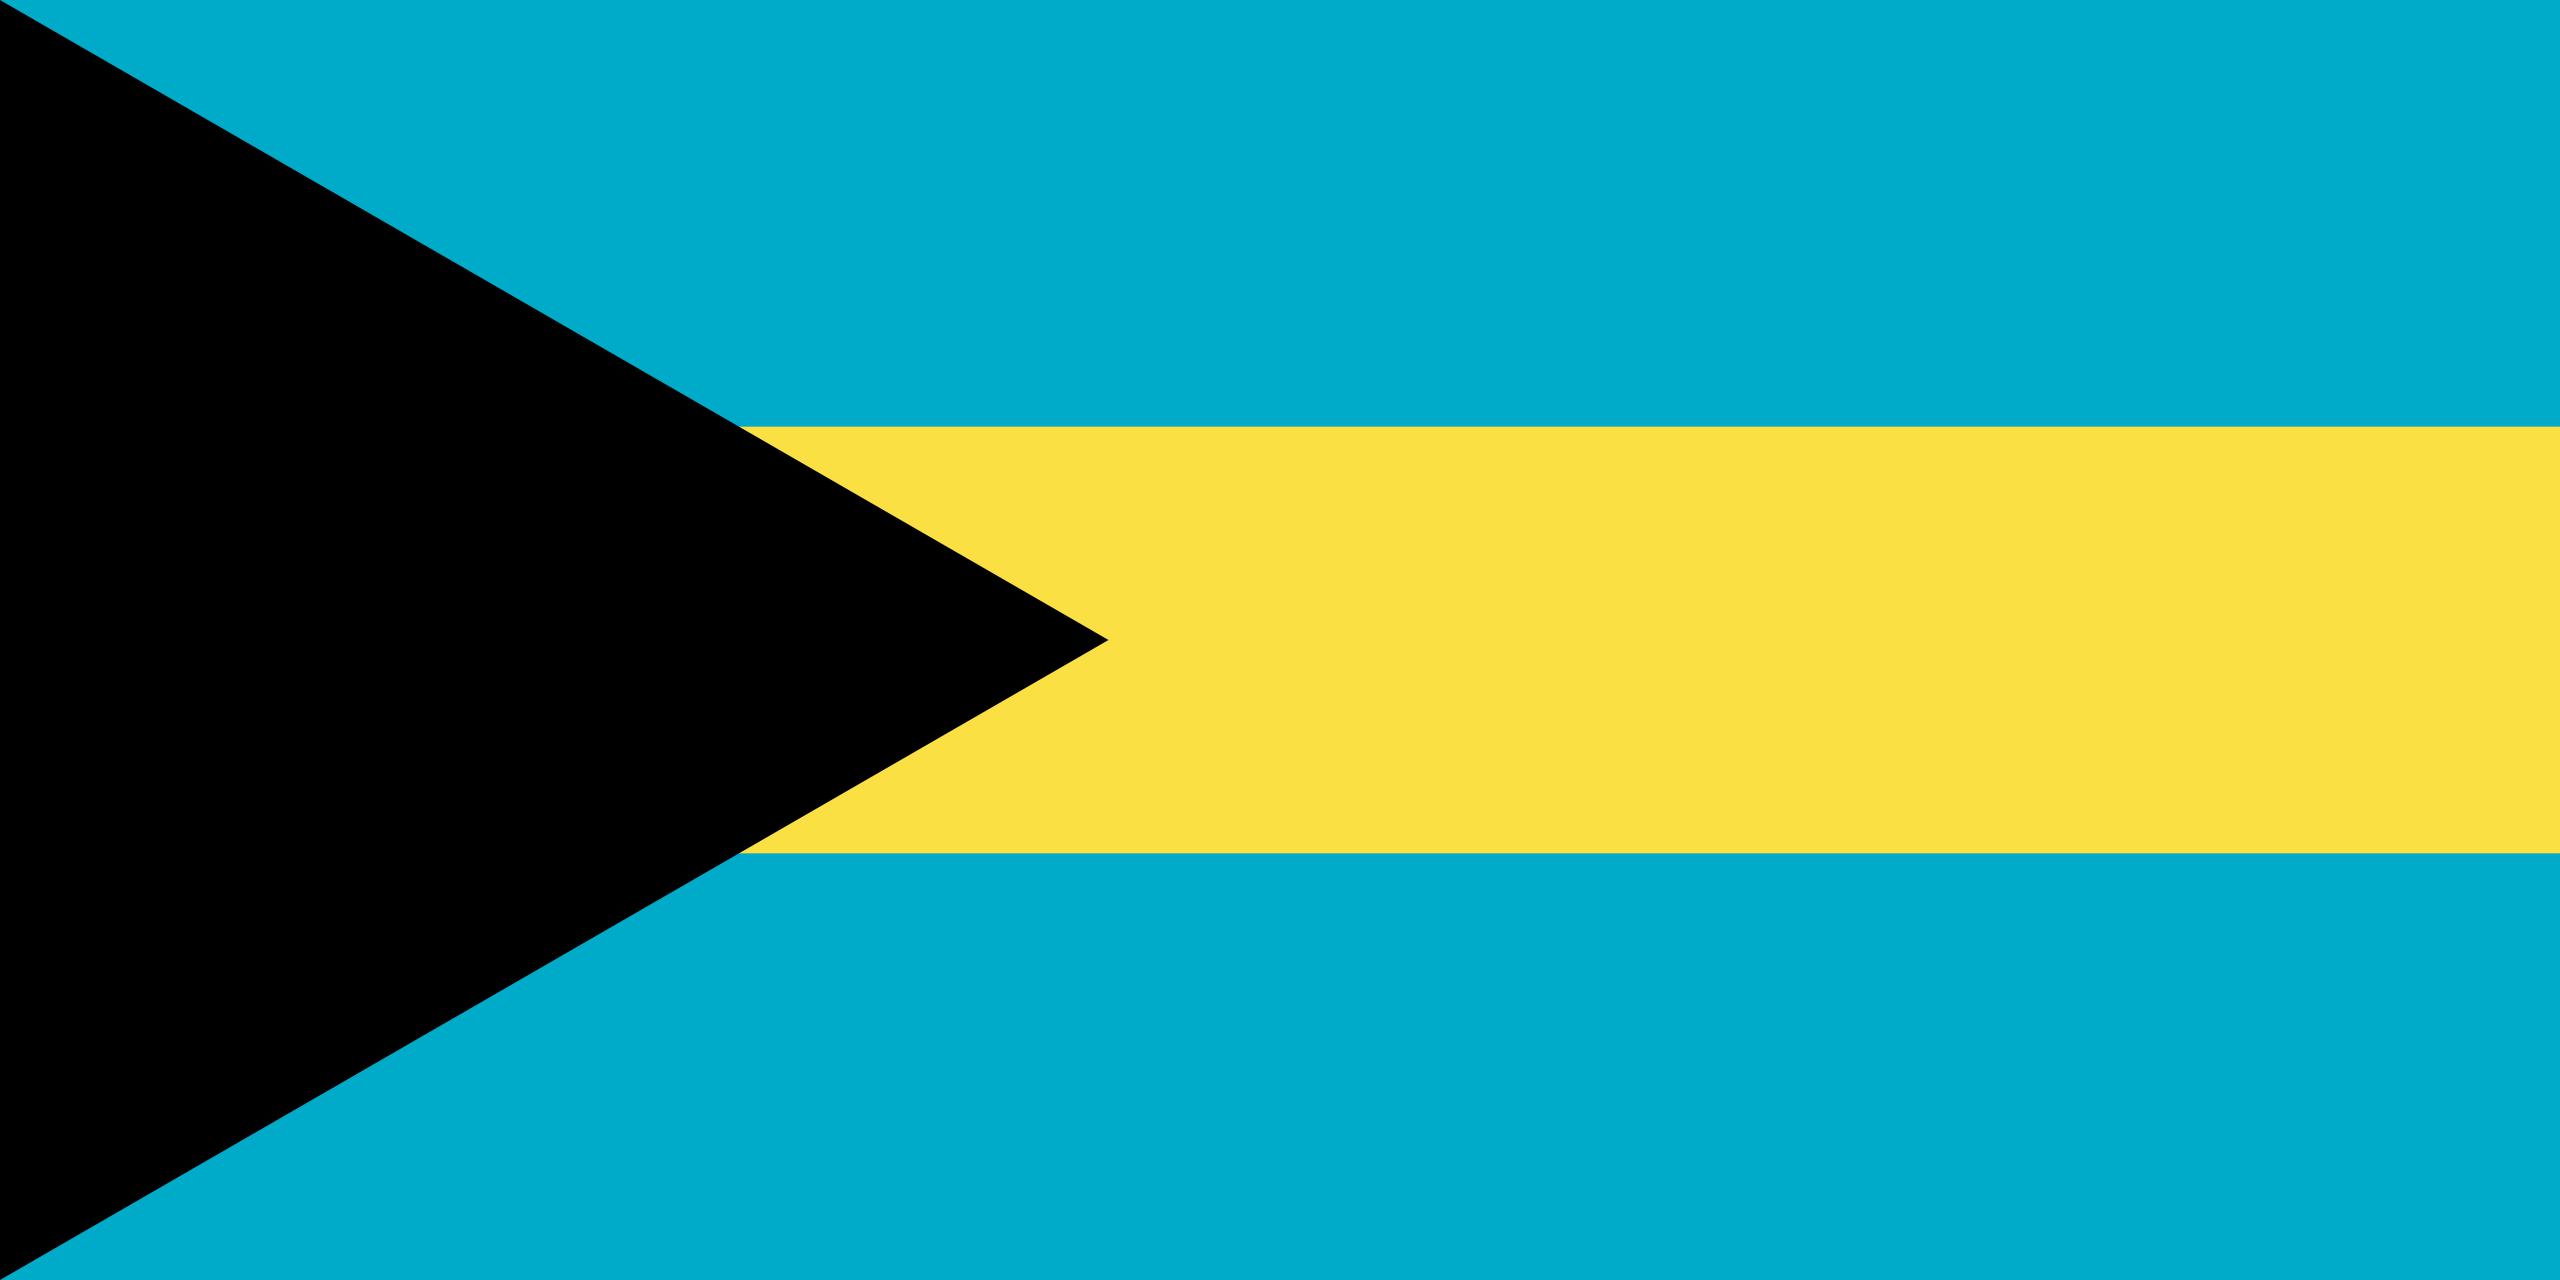 bahamas, paese, emblema, logo, simbolo - Sfondi HD - Professor-falken.com